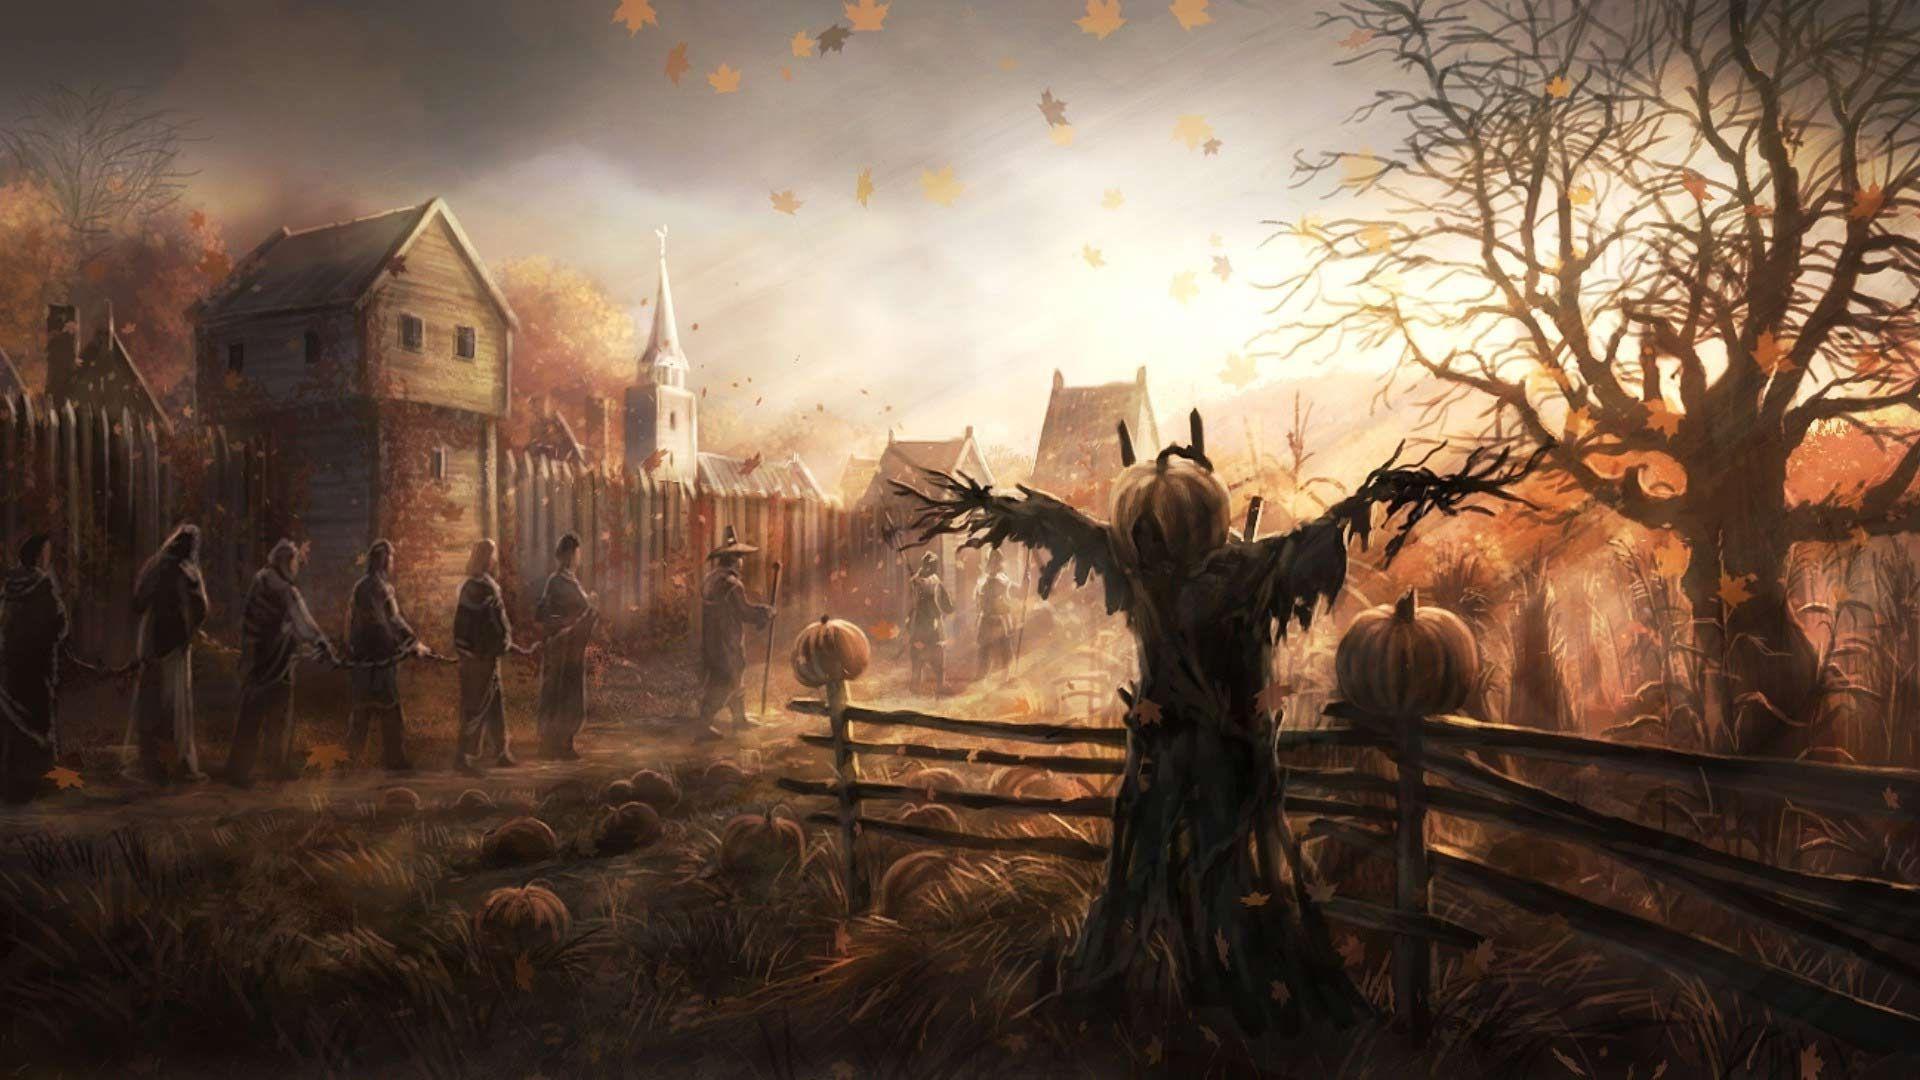 Dark Village Art